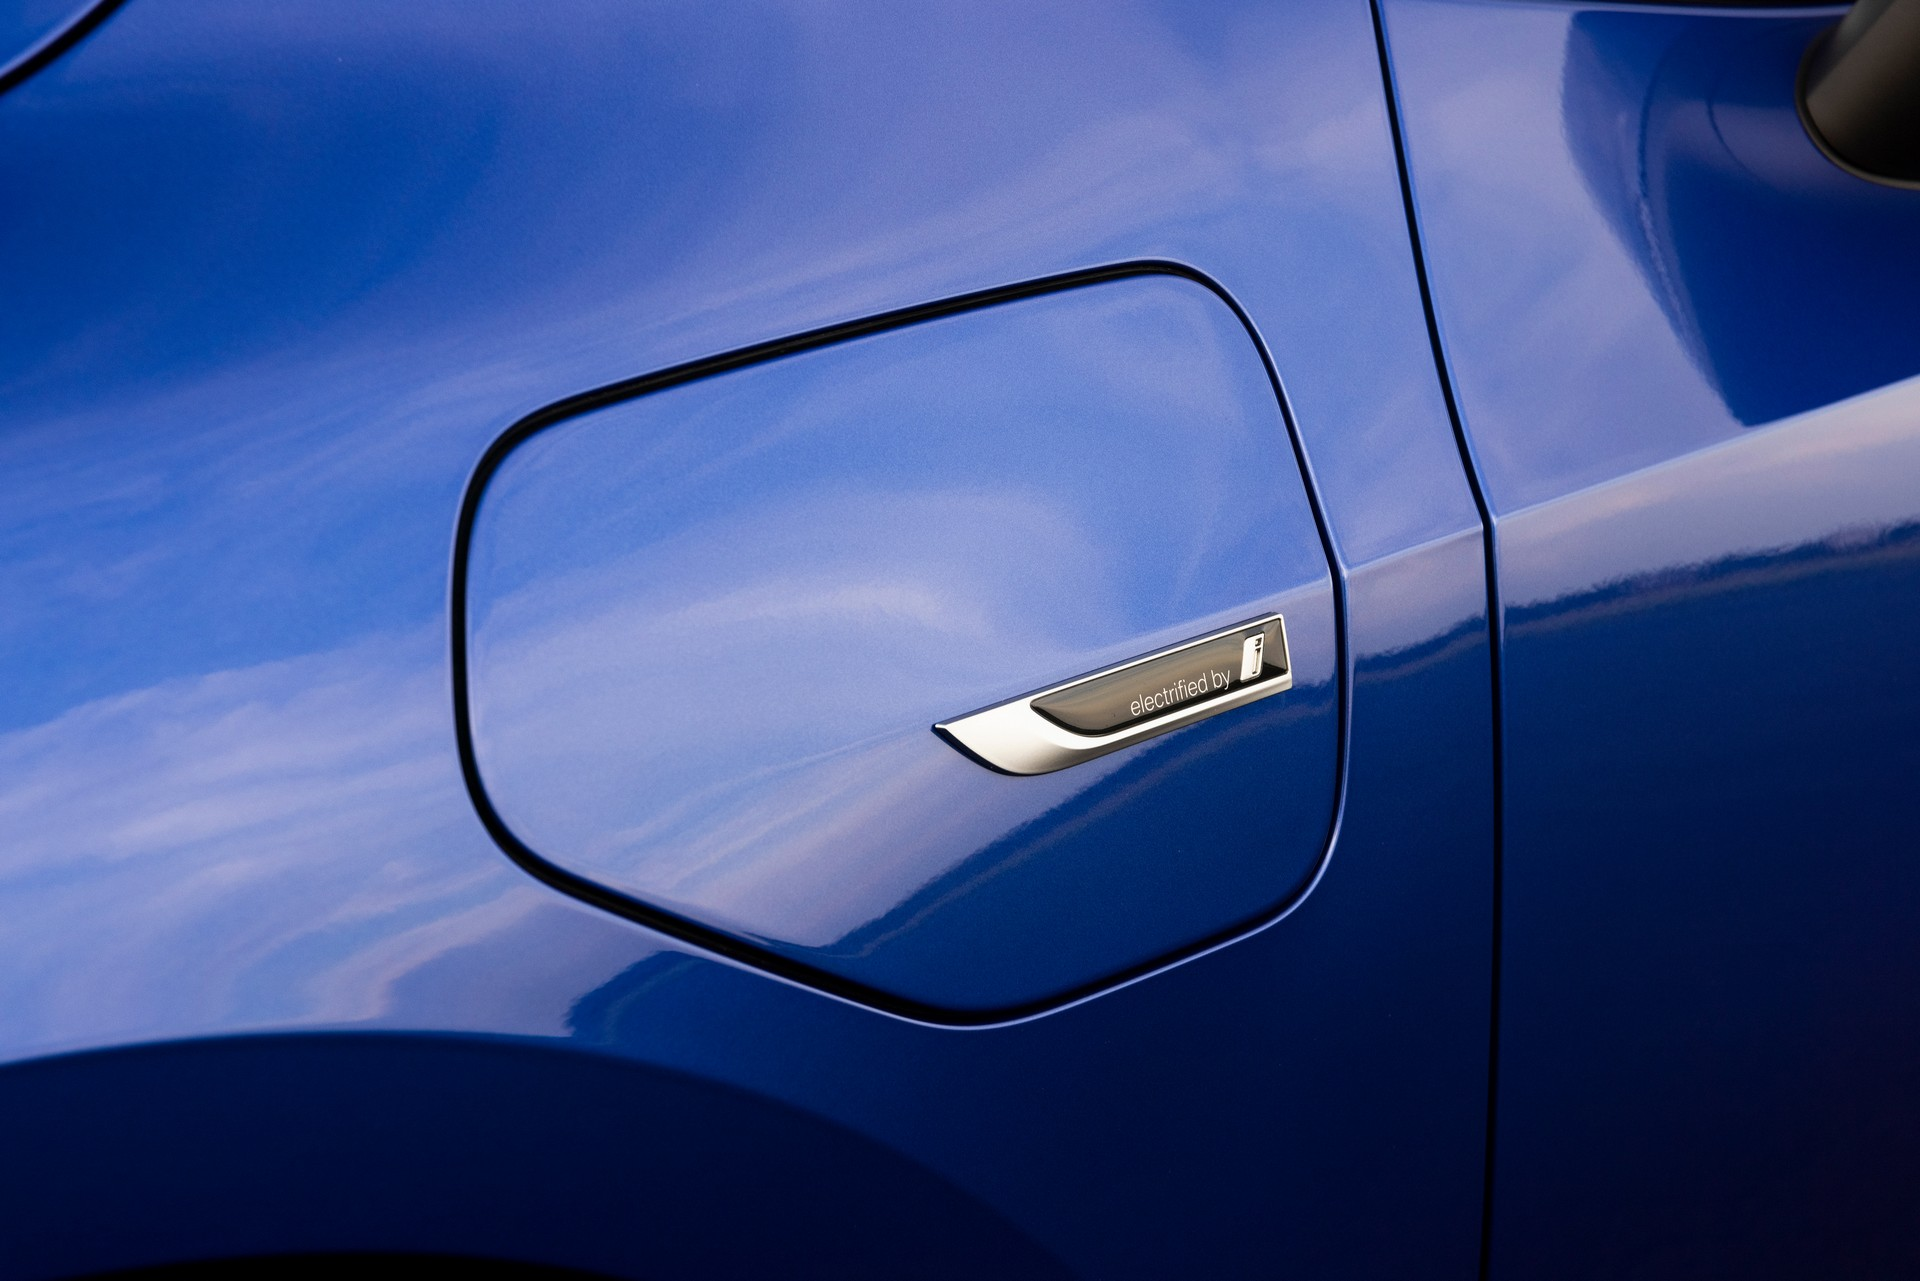 2022 BMW 2 Serisi Active Tourer, yeni teknolojiler ve hibrit versiyonlarla geldi